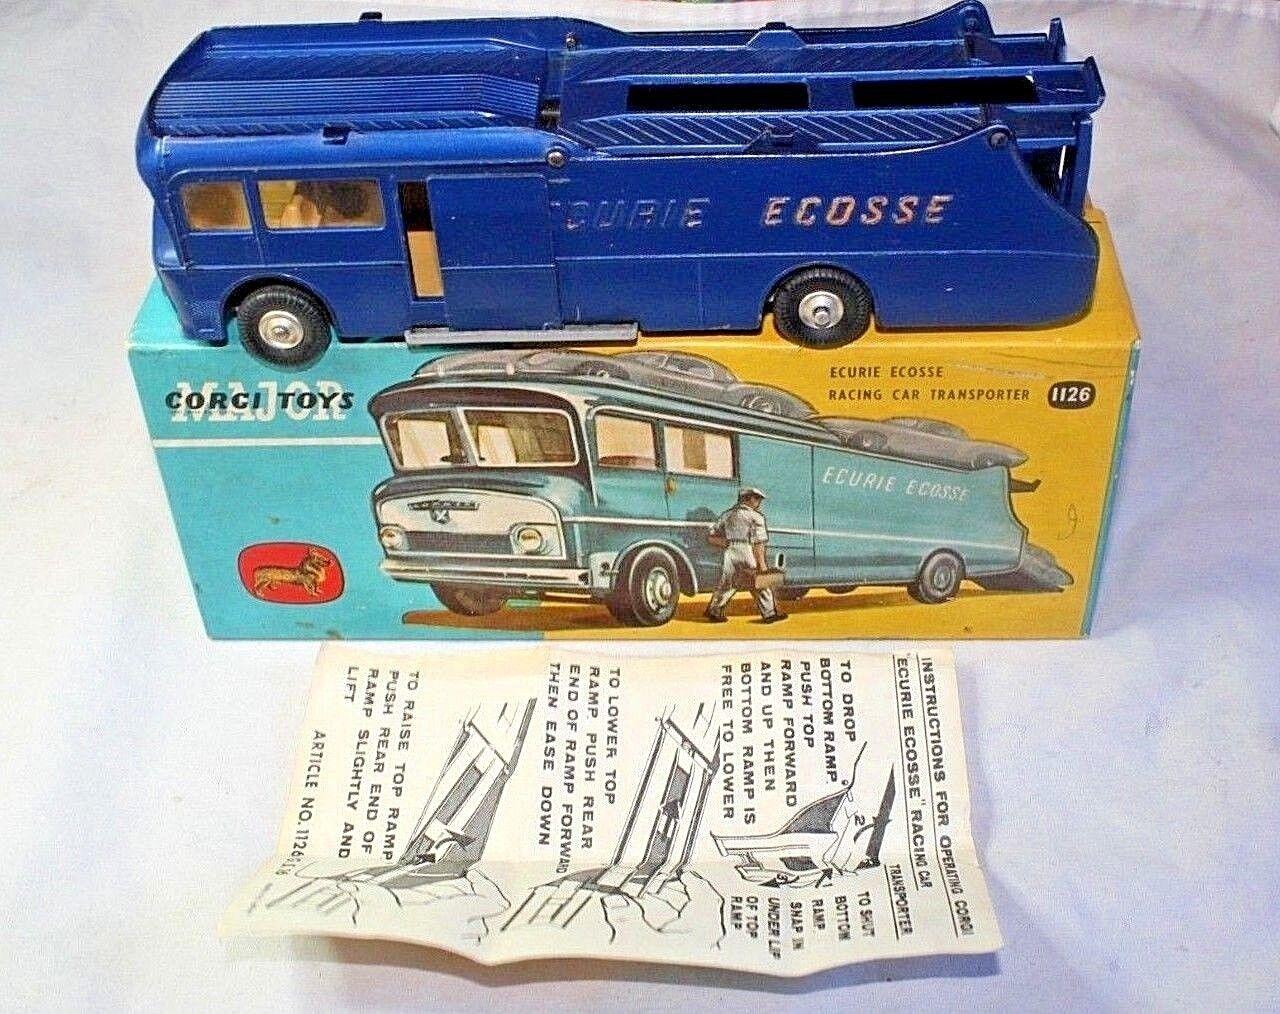 Corgi 1126 Ecurie Ecosse Transporter, Excellent Condition in Good Original Box